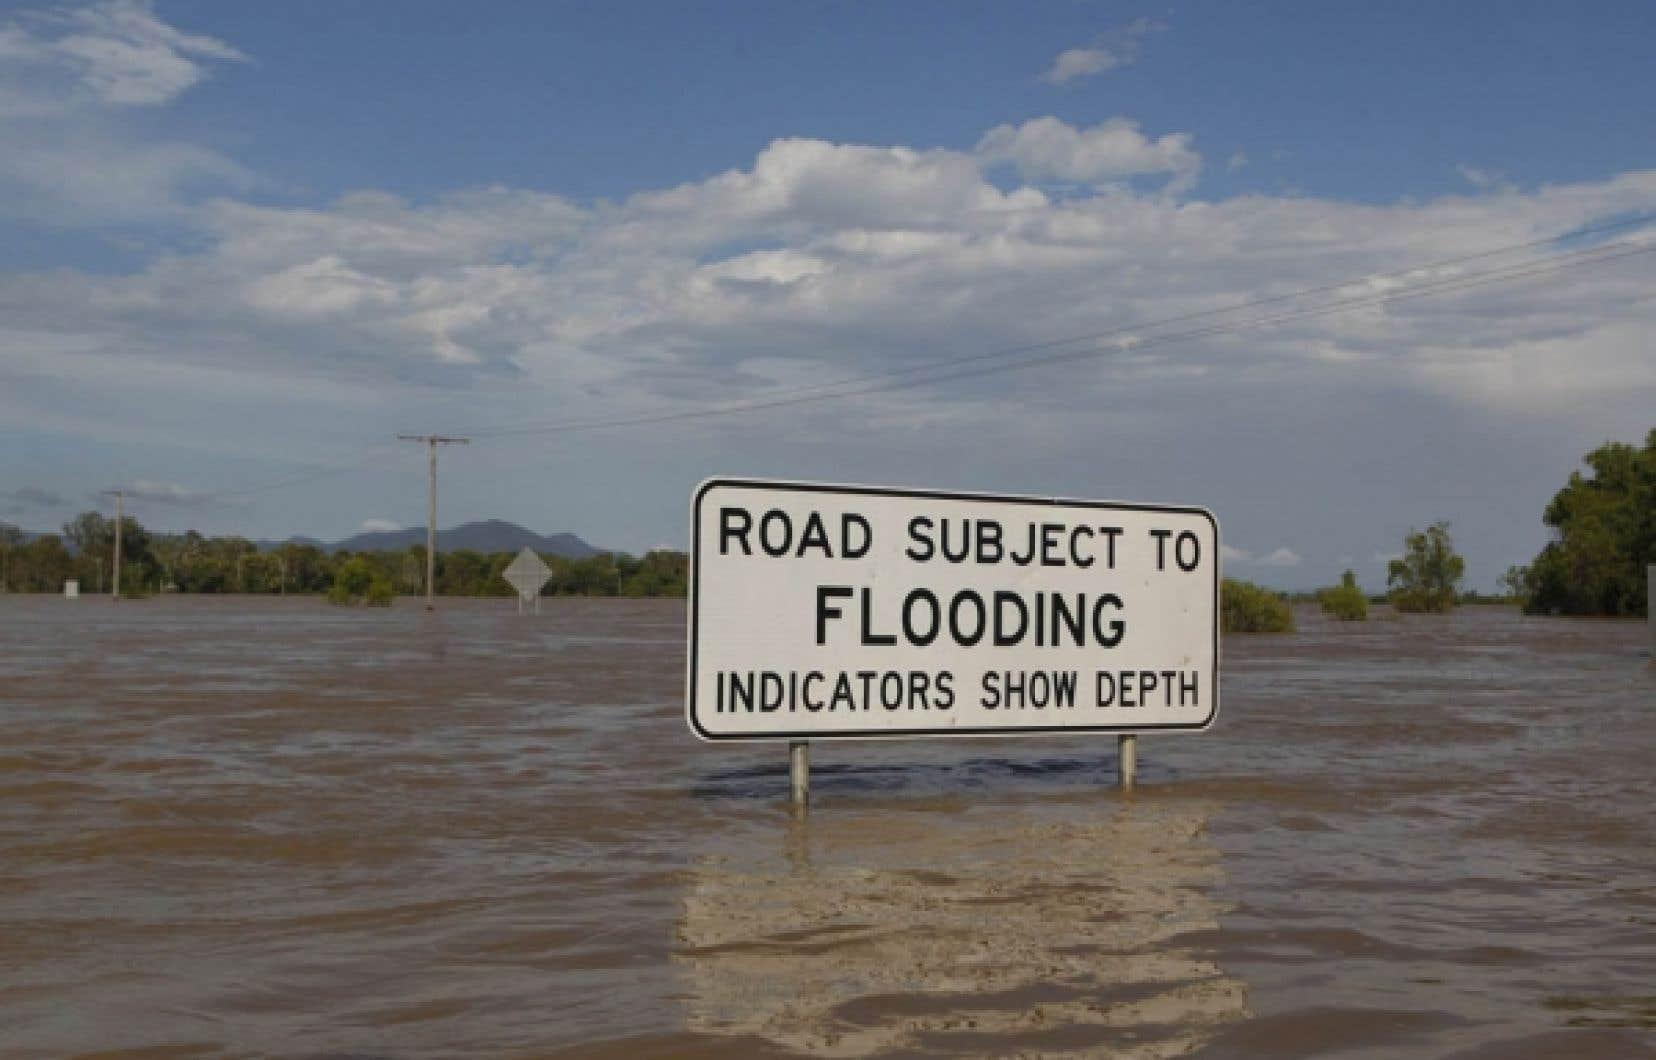 Un demi-millier d'habitations ont été évacuées à Rockhampton, alors que les autorités s'attendent à ce que l'eau monte encore jusqu'à aujourd'hui dans cette ville.<br />